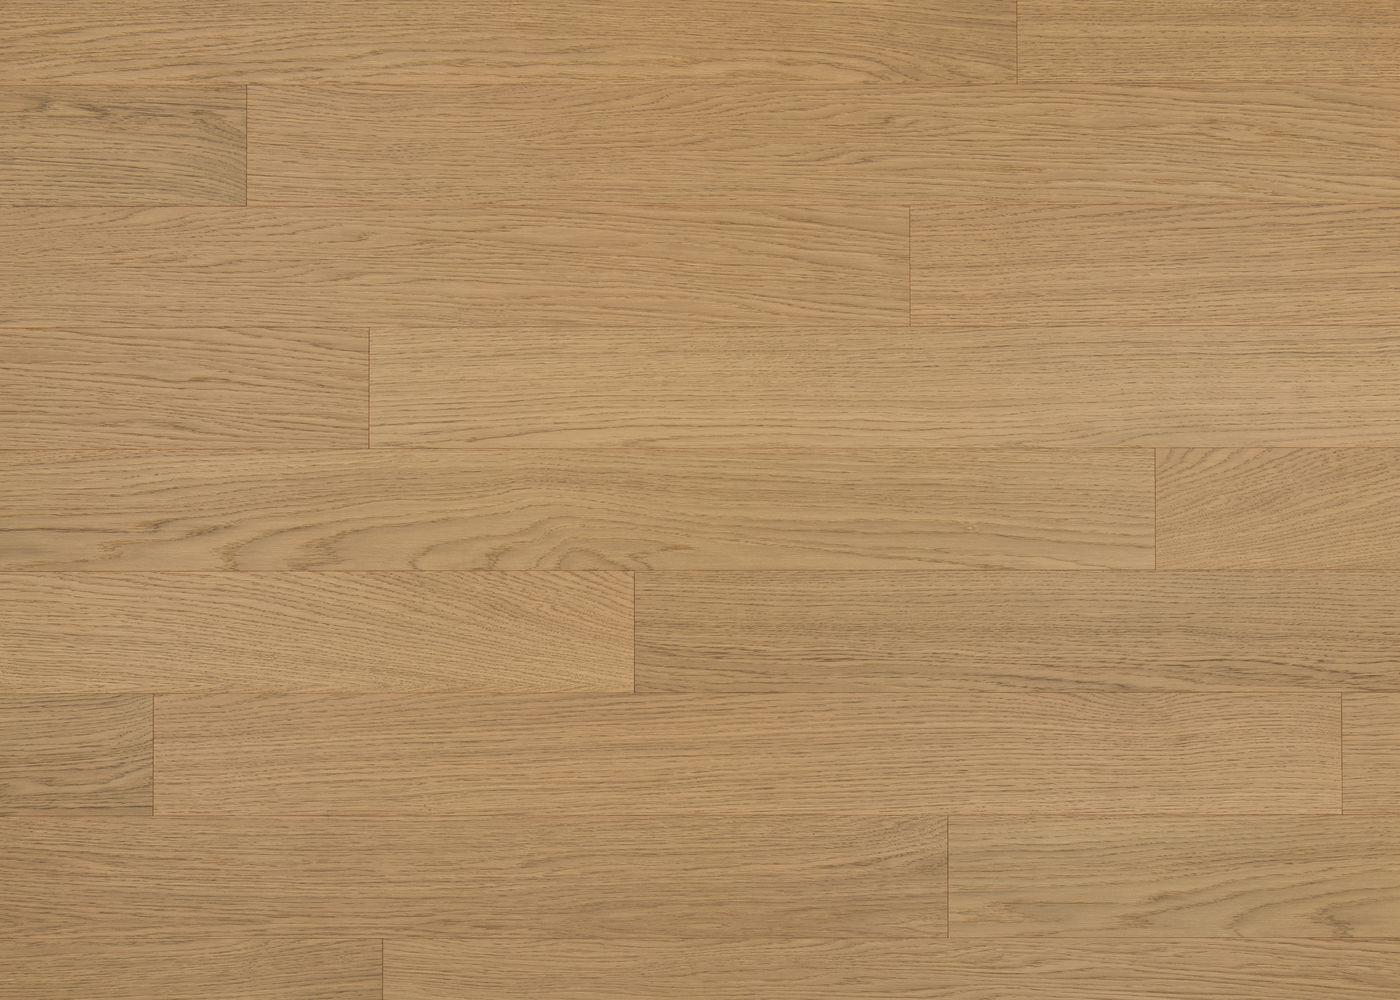 Sol plaqué bois Chêne Vienne brossé vernis extra-mat - Deluxe - Select 12x166x1810